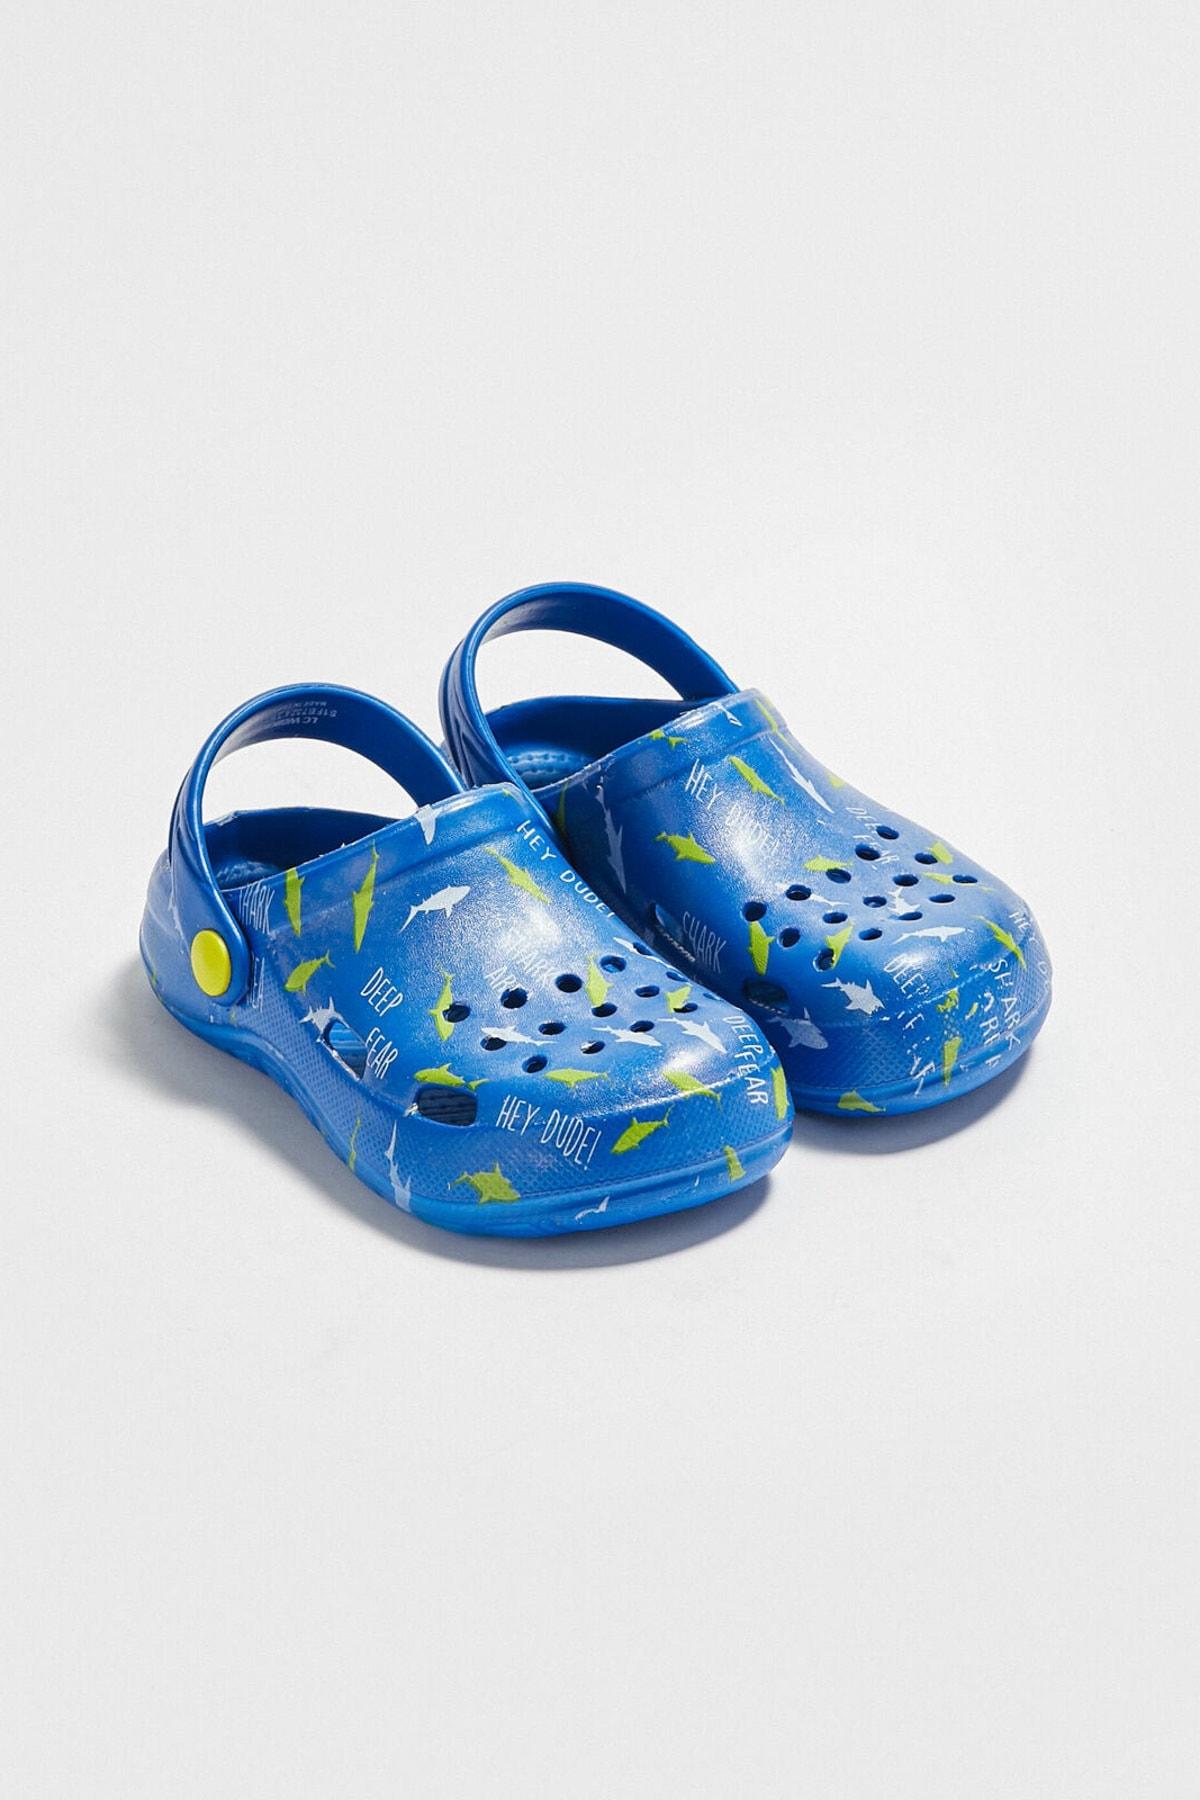 LC Waikiki Erkek Çocuk Saks Mavi Crw Sandalet 1